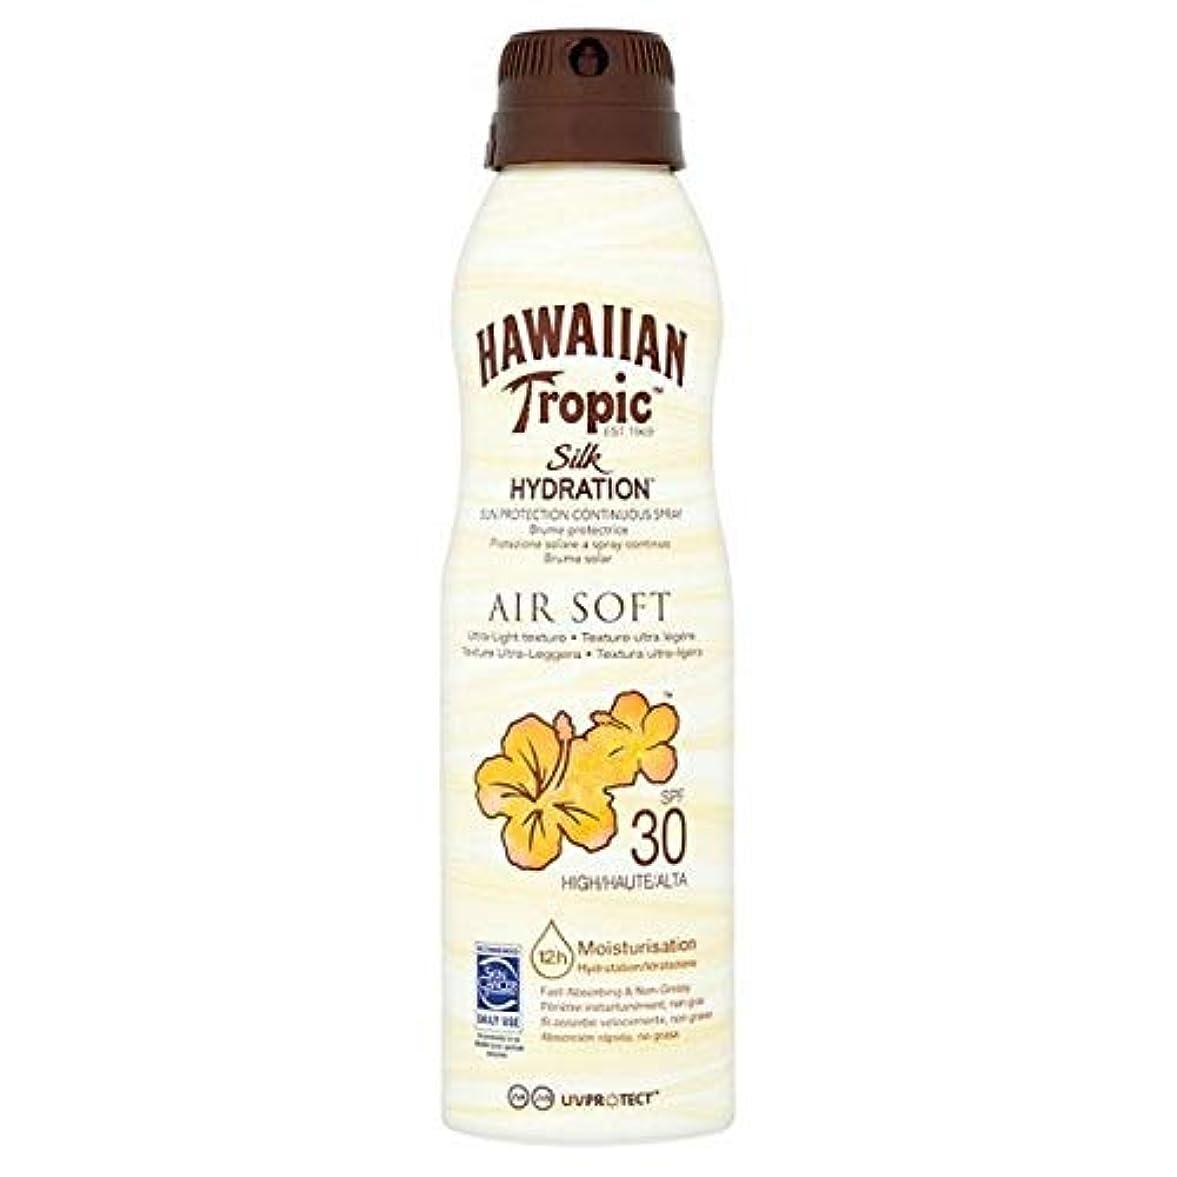 鮫ガウン信頼性のある[Hawaiian Tropic ] H /向性絹水和エアガン連続スプレーSpf30の177ミリリットル - H/Tropic Silk Hydration Airsoft Continuous Spray SPF30...